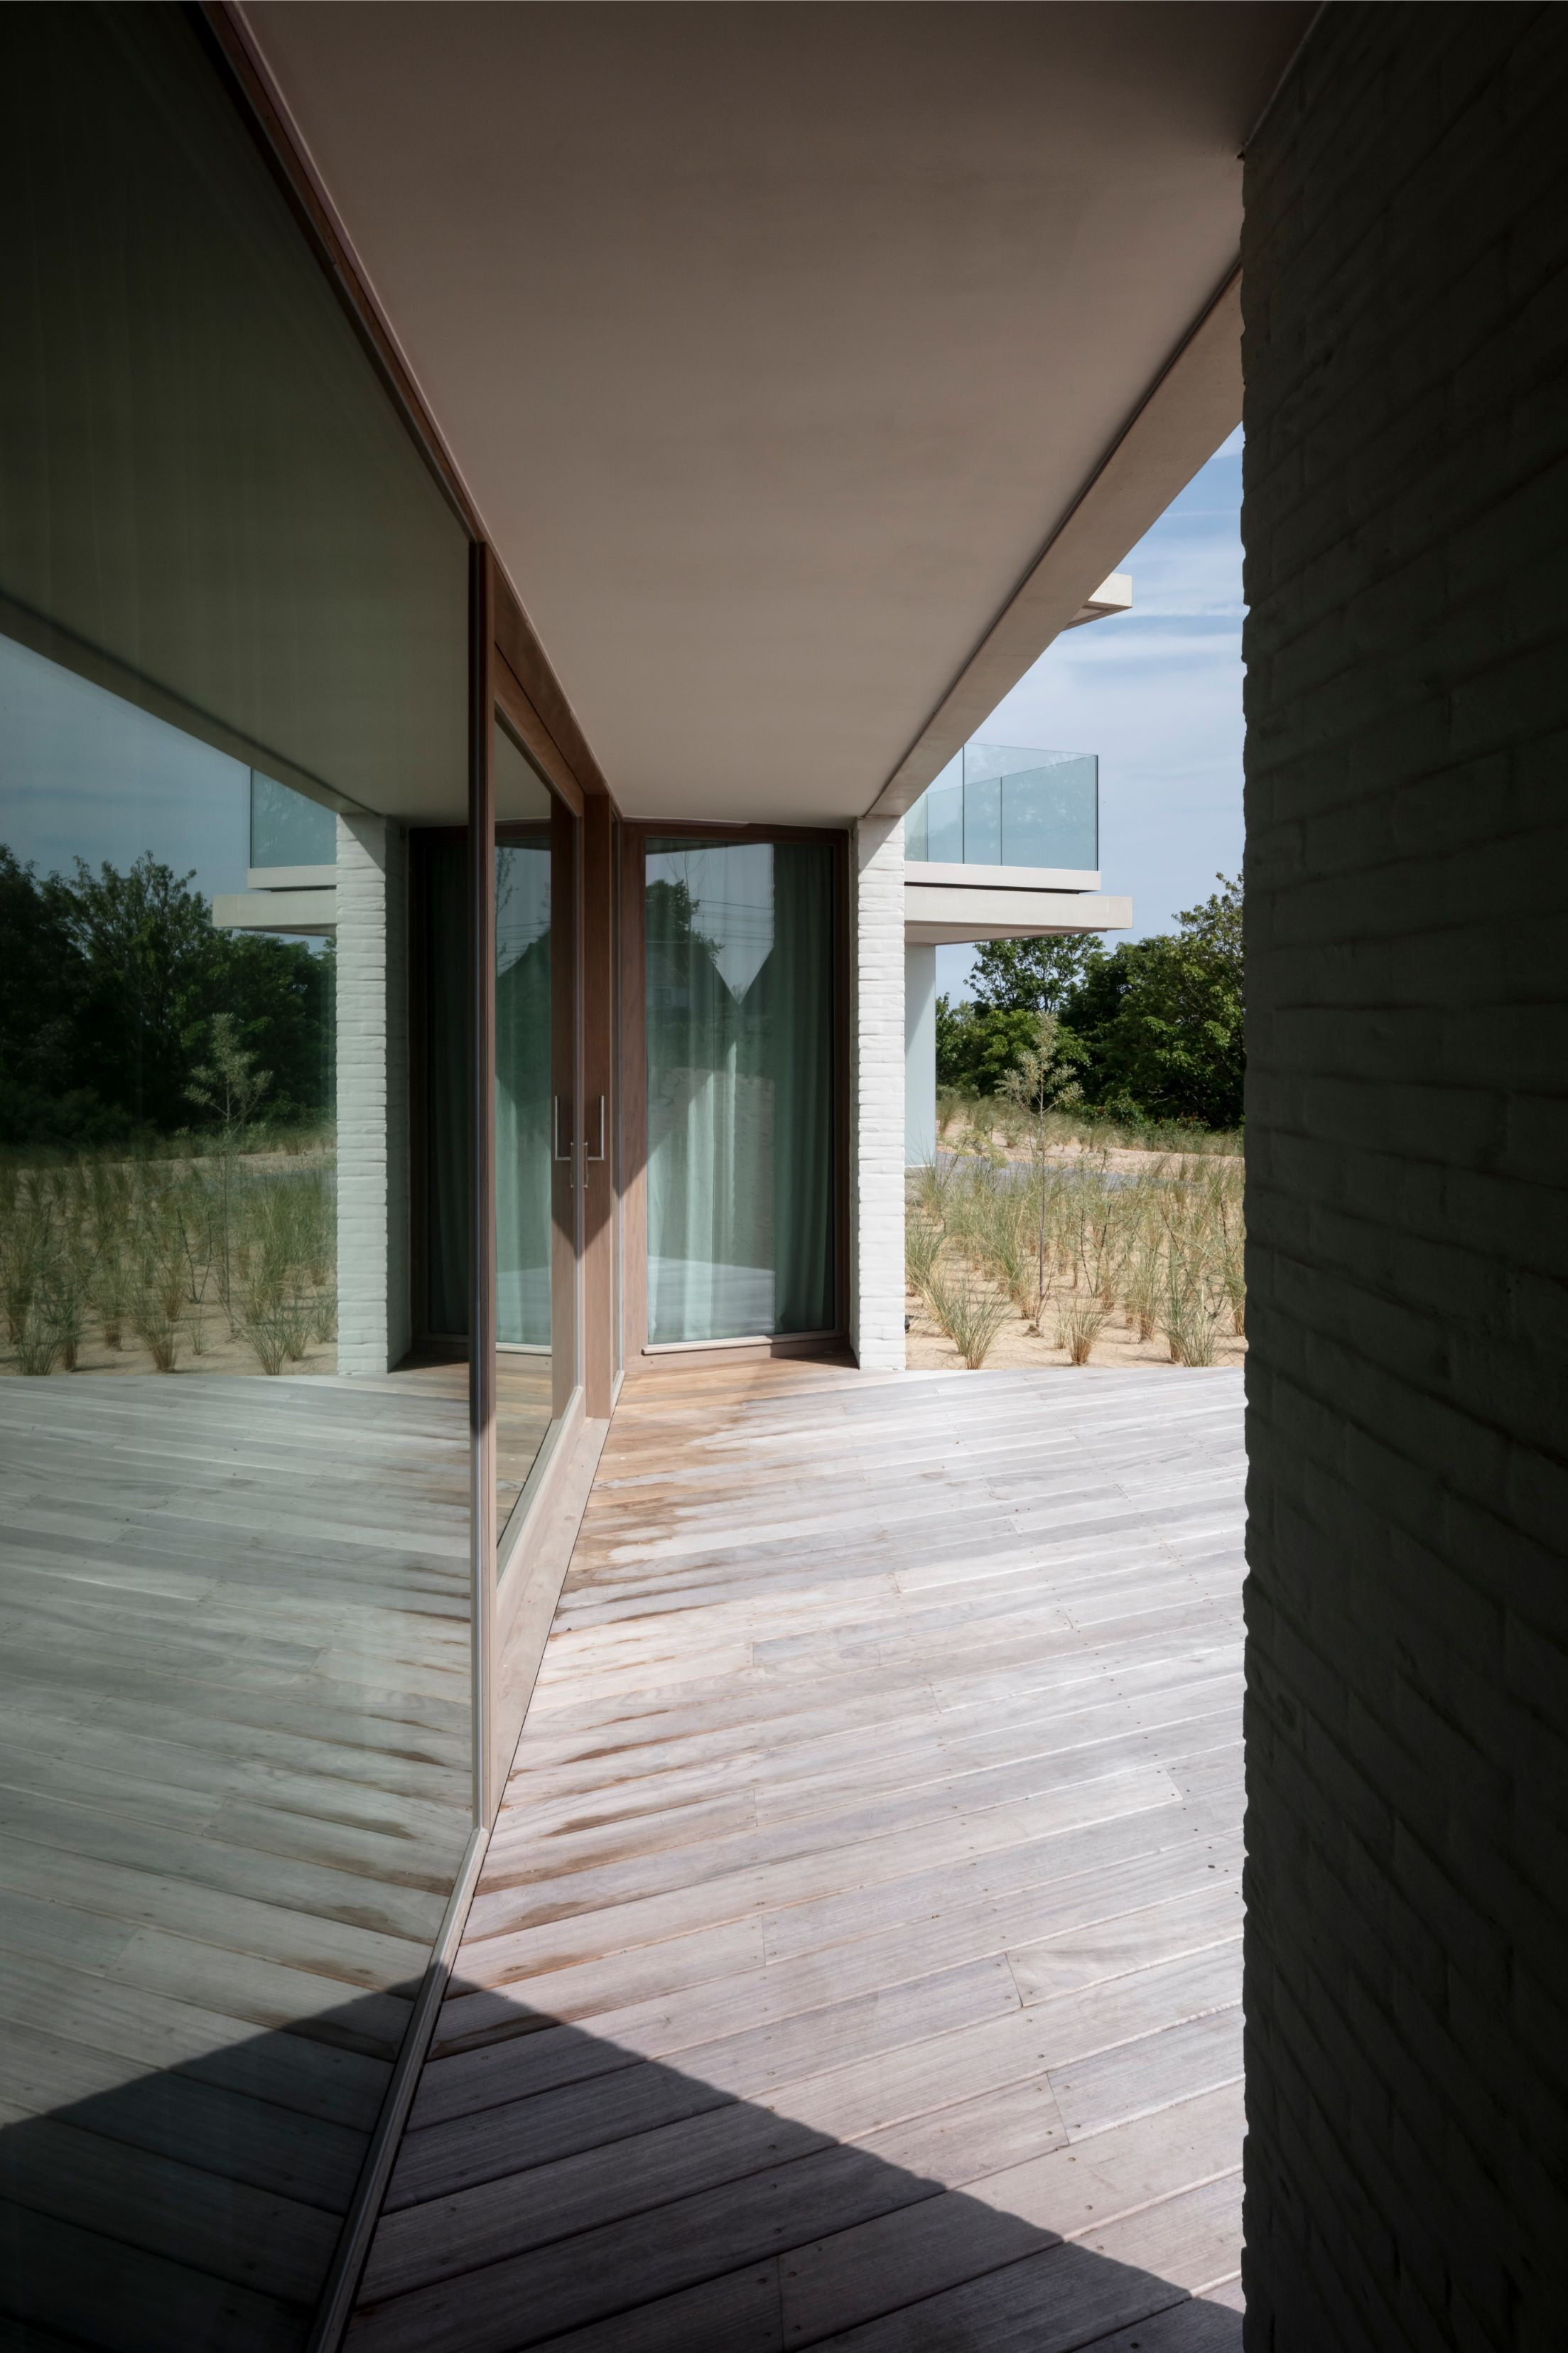 Hans Wegner - Rietveldprojects - Koksijde - Tvdv8.jpg